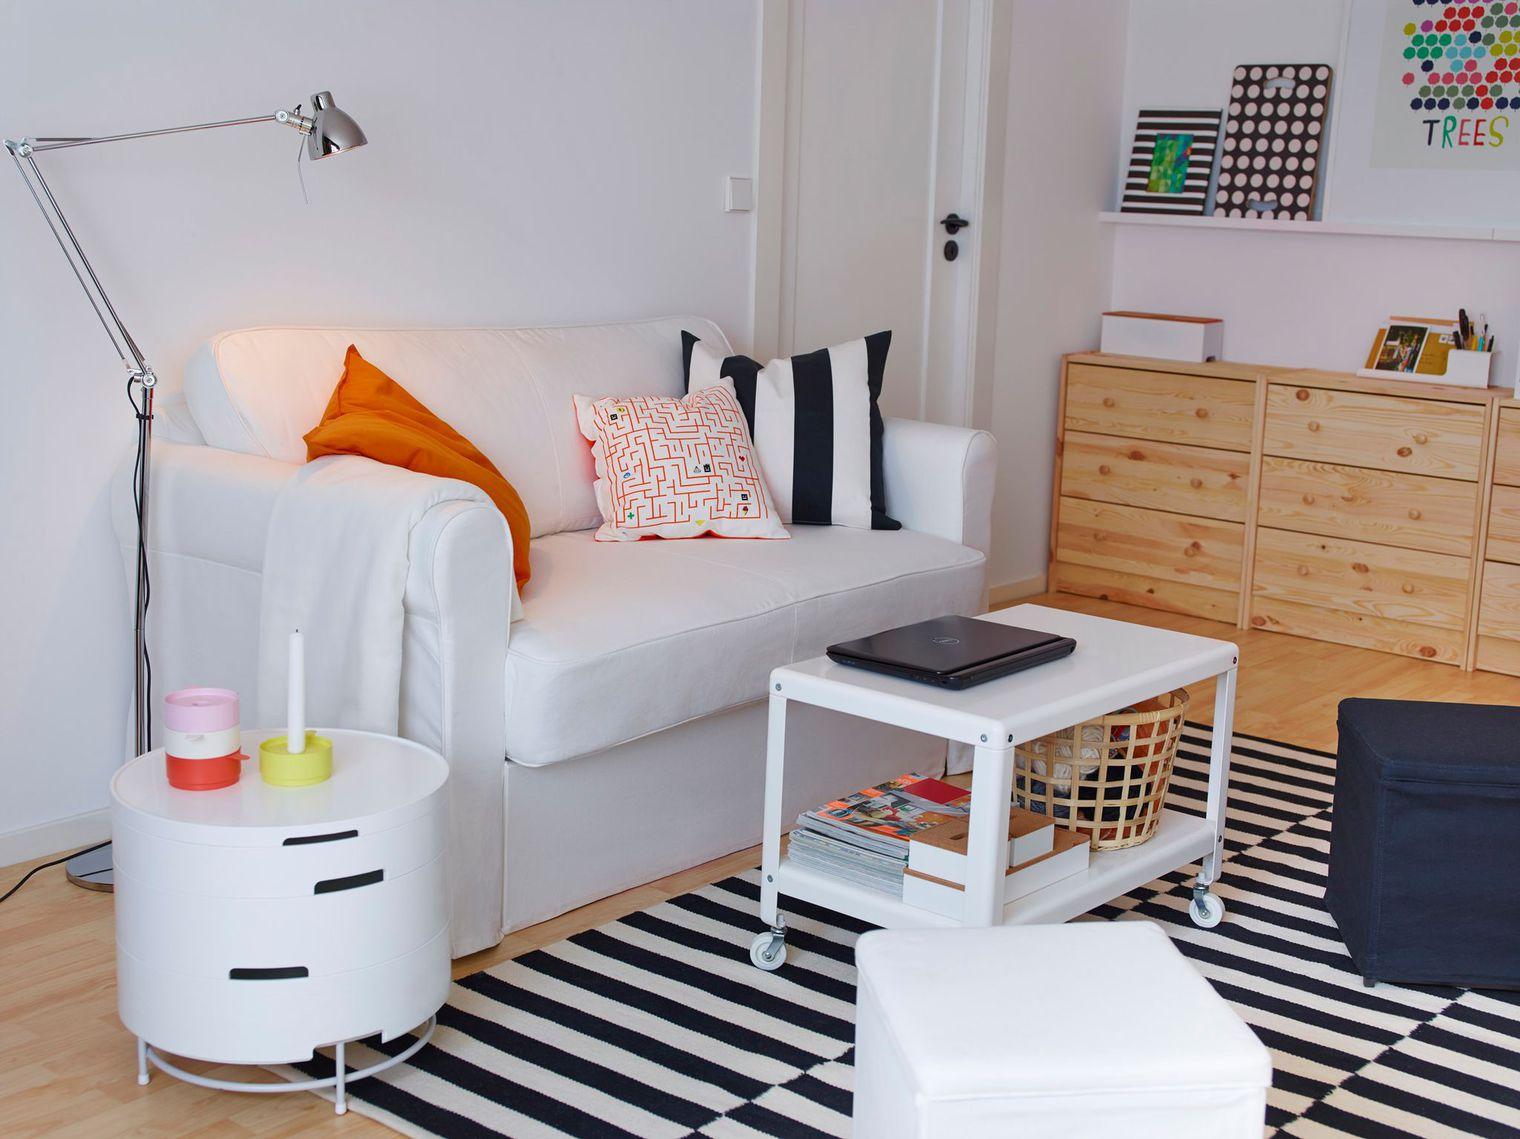 Мебель для комнаты: журнальный столик на колёсах